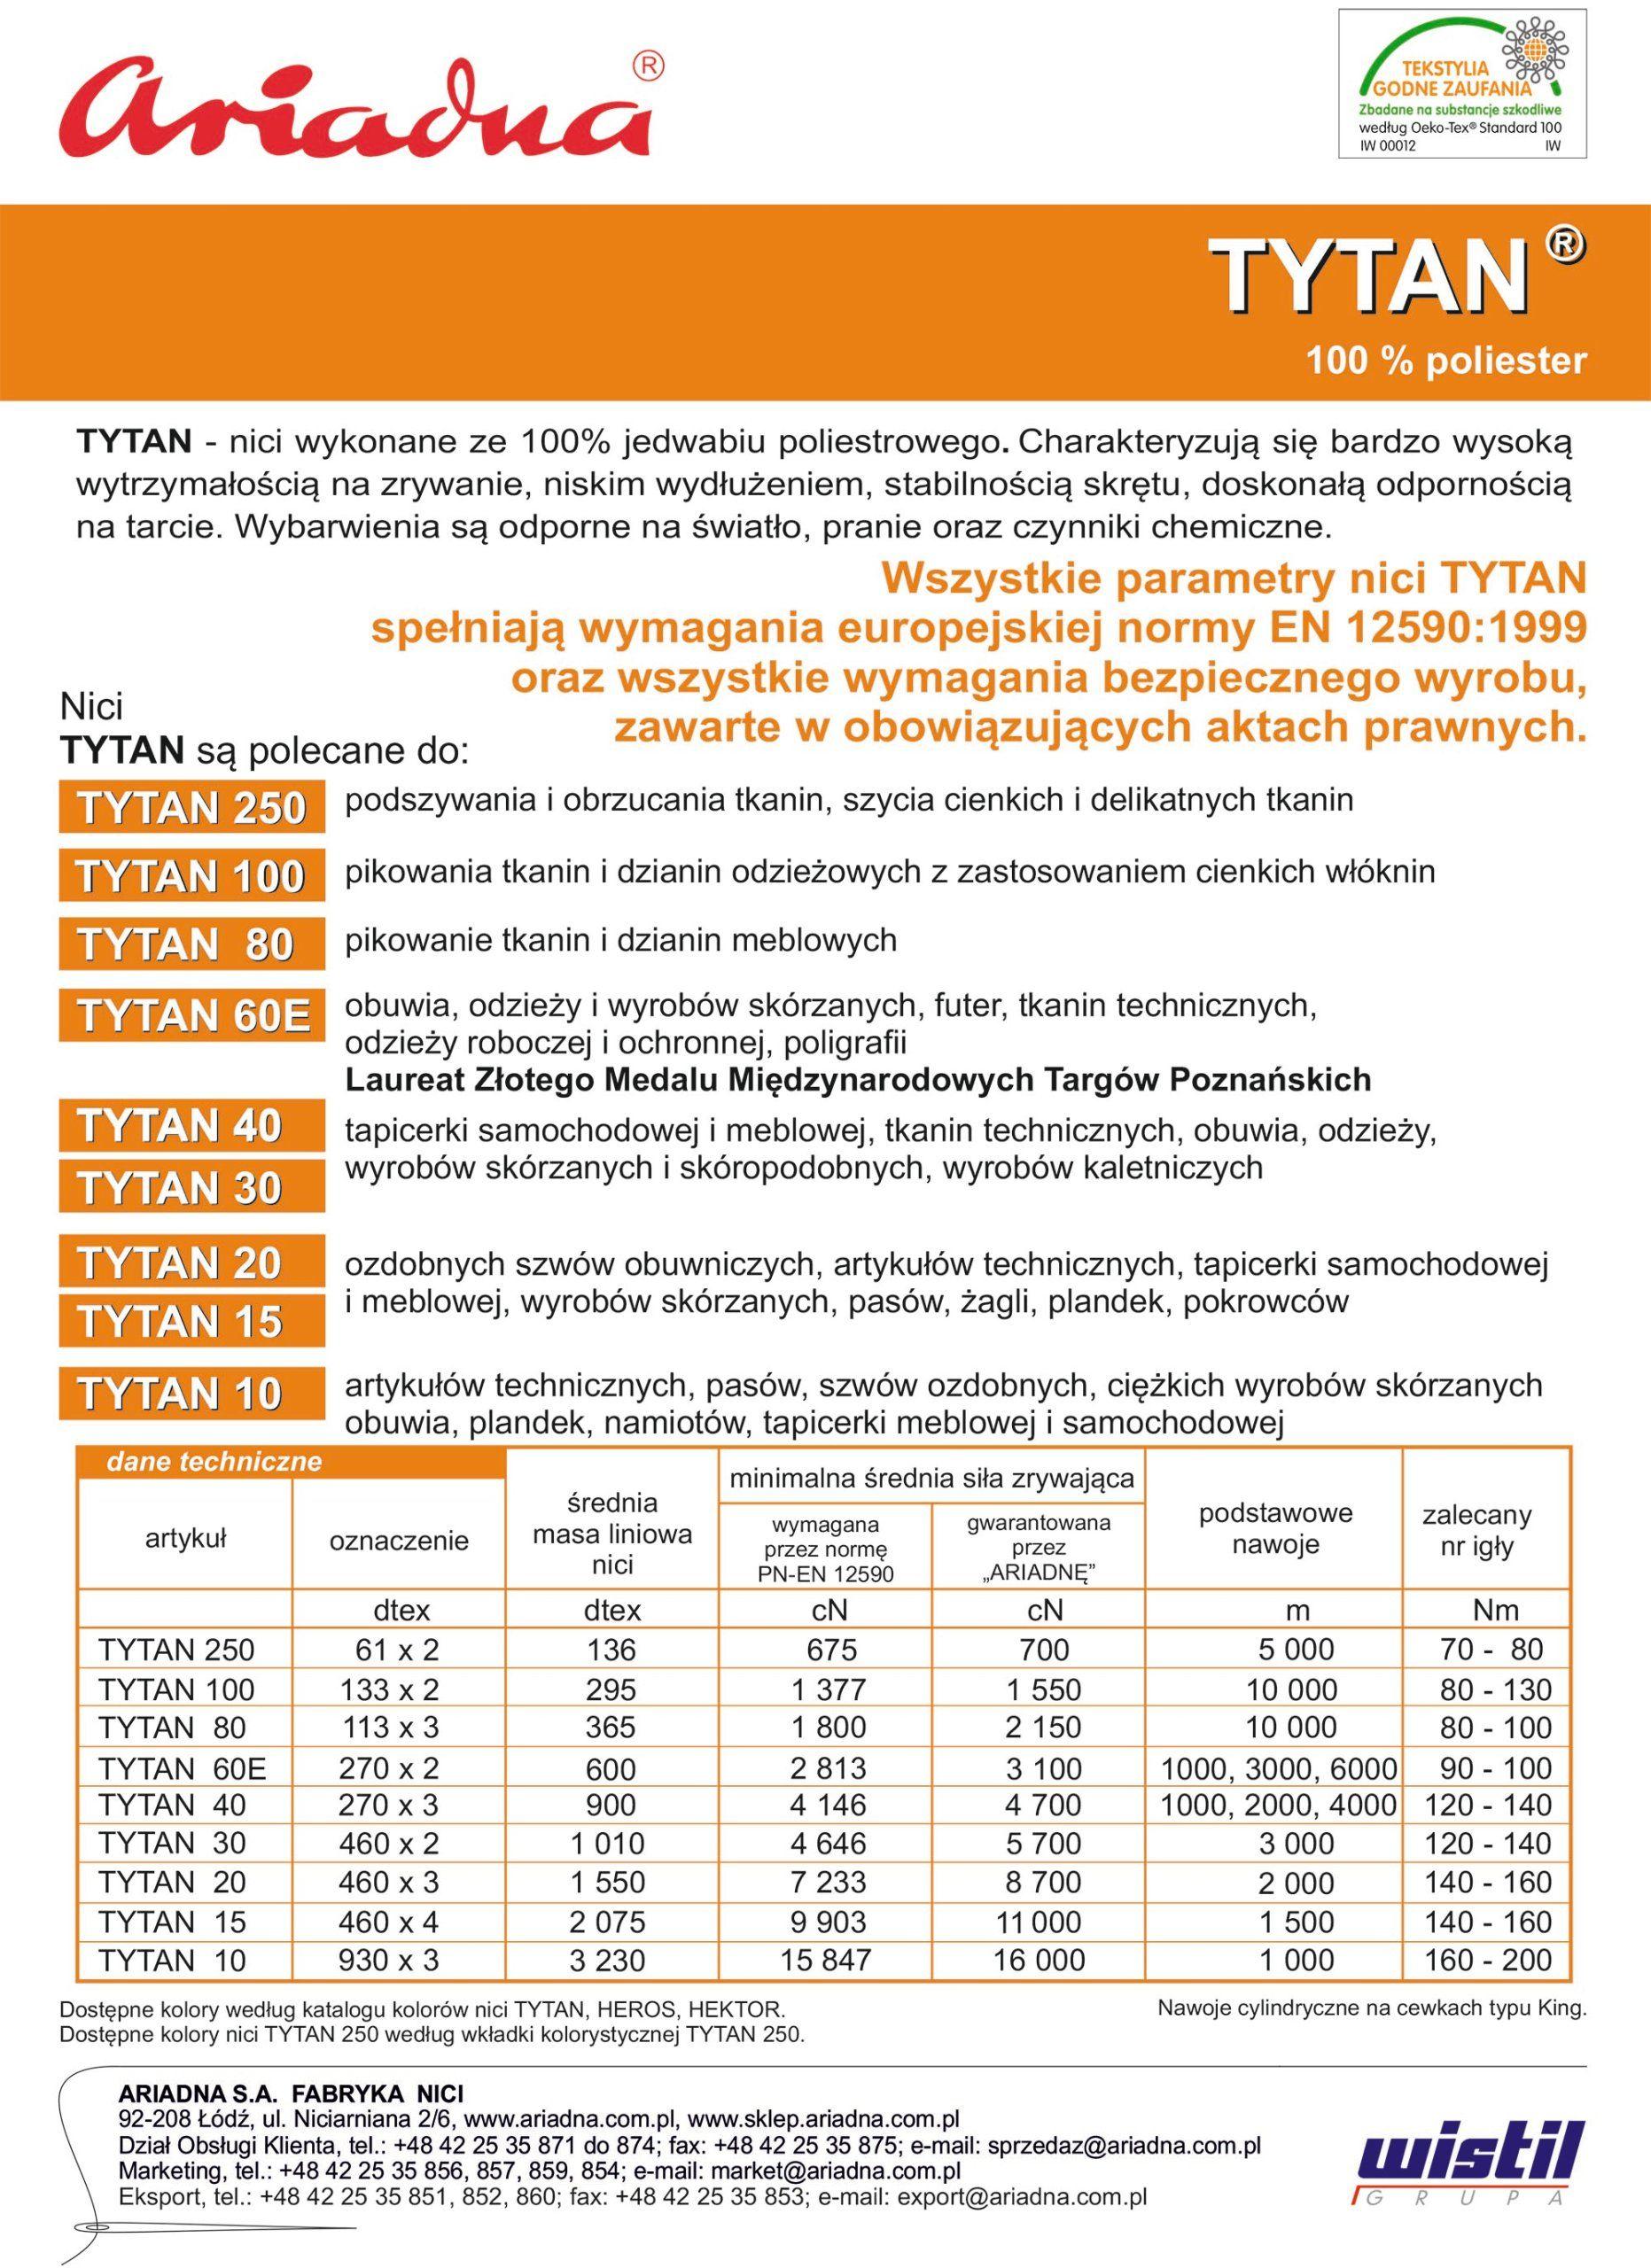 Nici Tytan 40 1000m Czarne Kaletnicze Tapicerskie Periodic Table